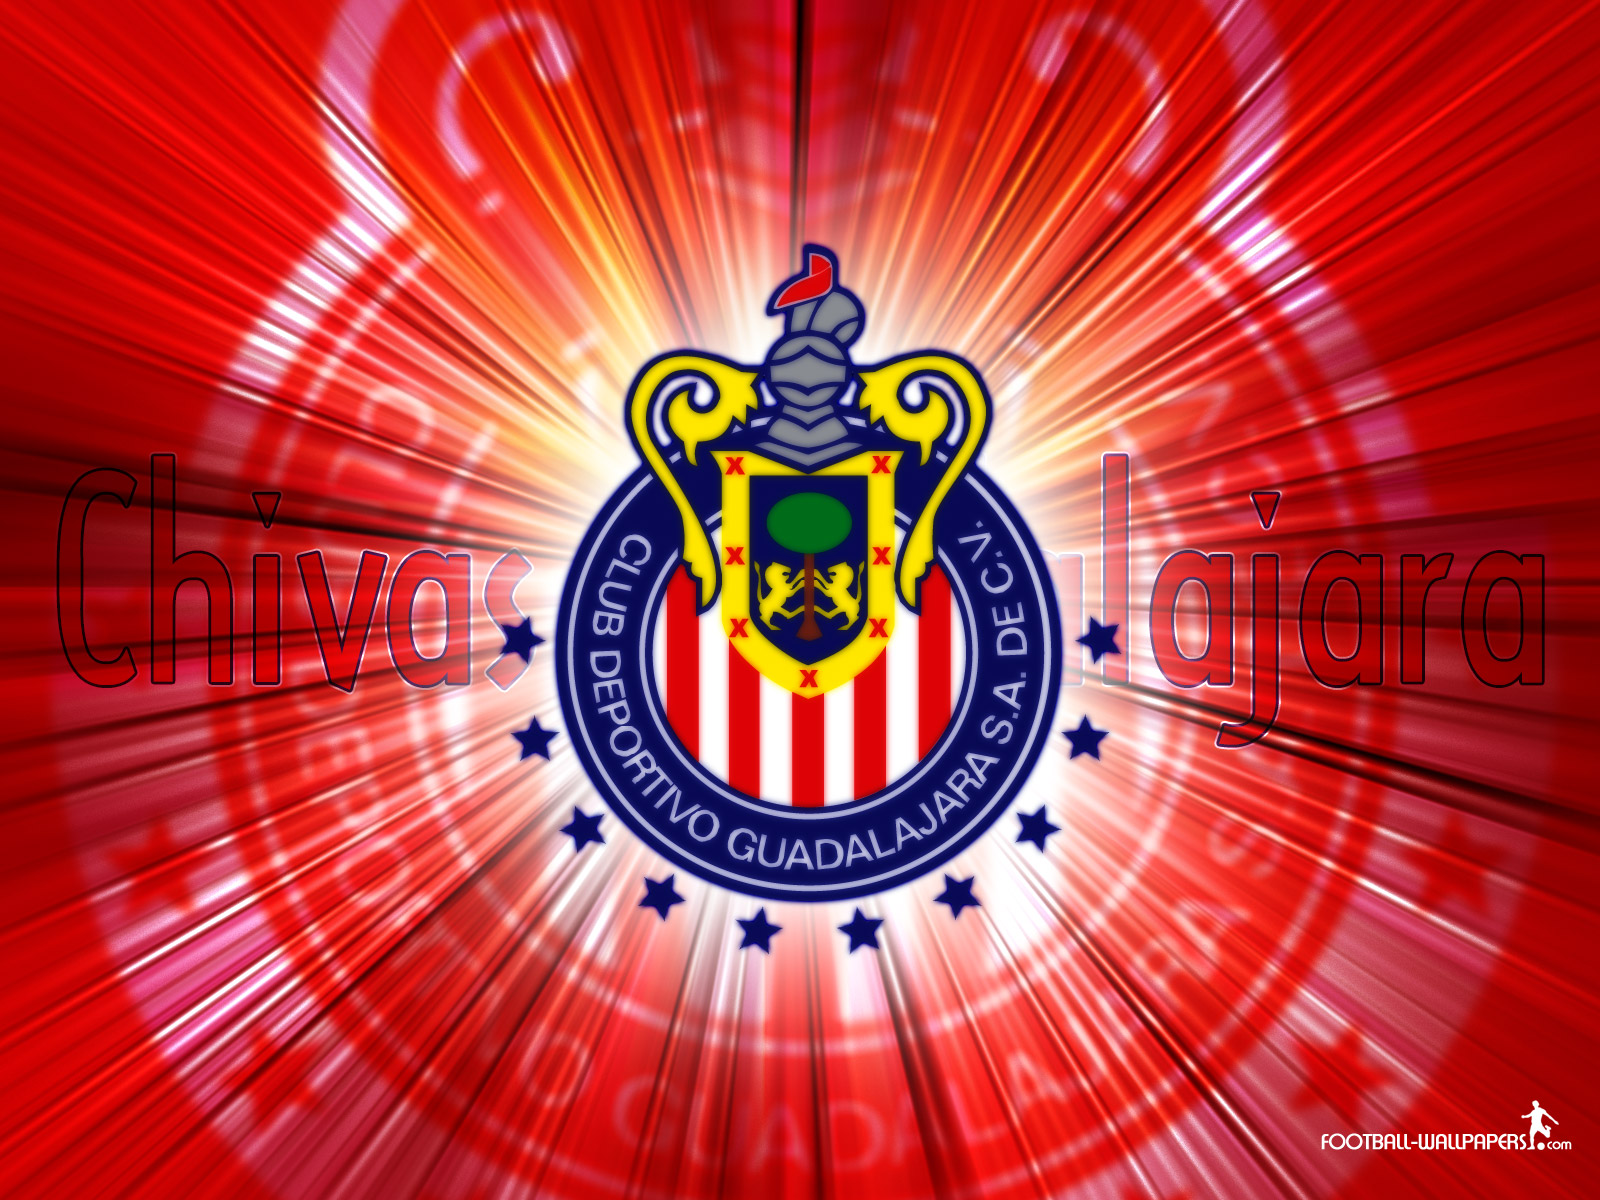 http://1.bp.blogspot.com/_biczA2l5E58/TQc5iA3rnTI/AAAAAAAAA_s/YFmgcPXtwtw/s1600/chivas_3_1600x1200.jpg